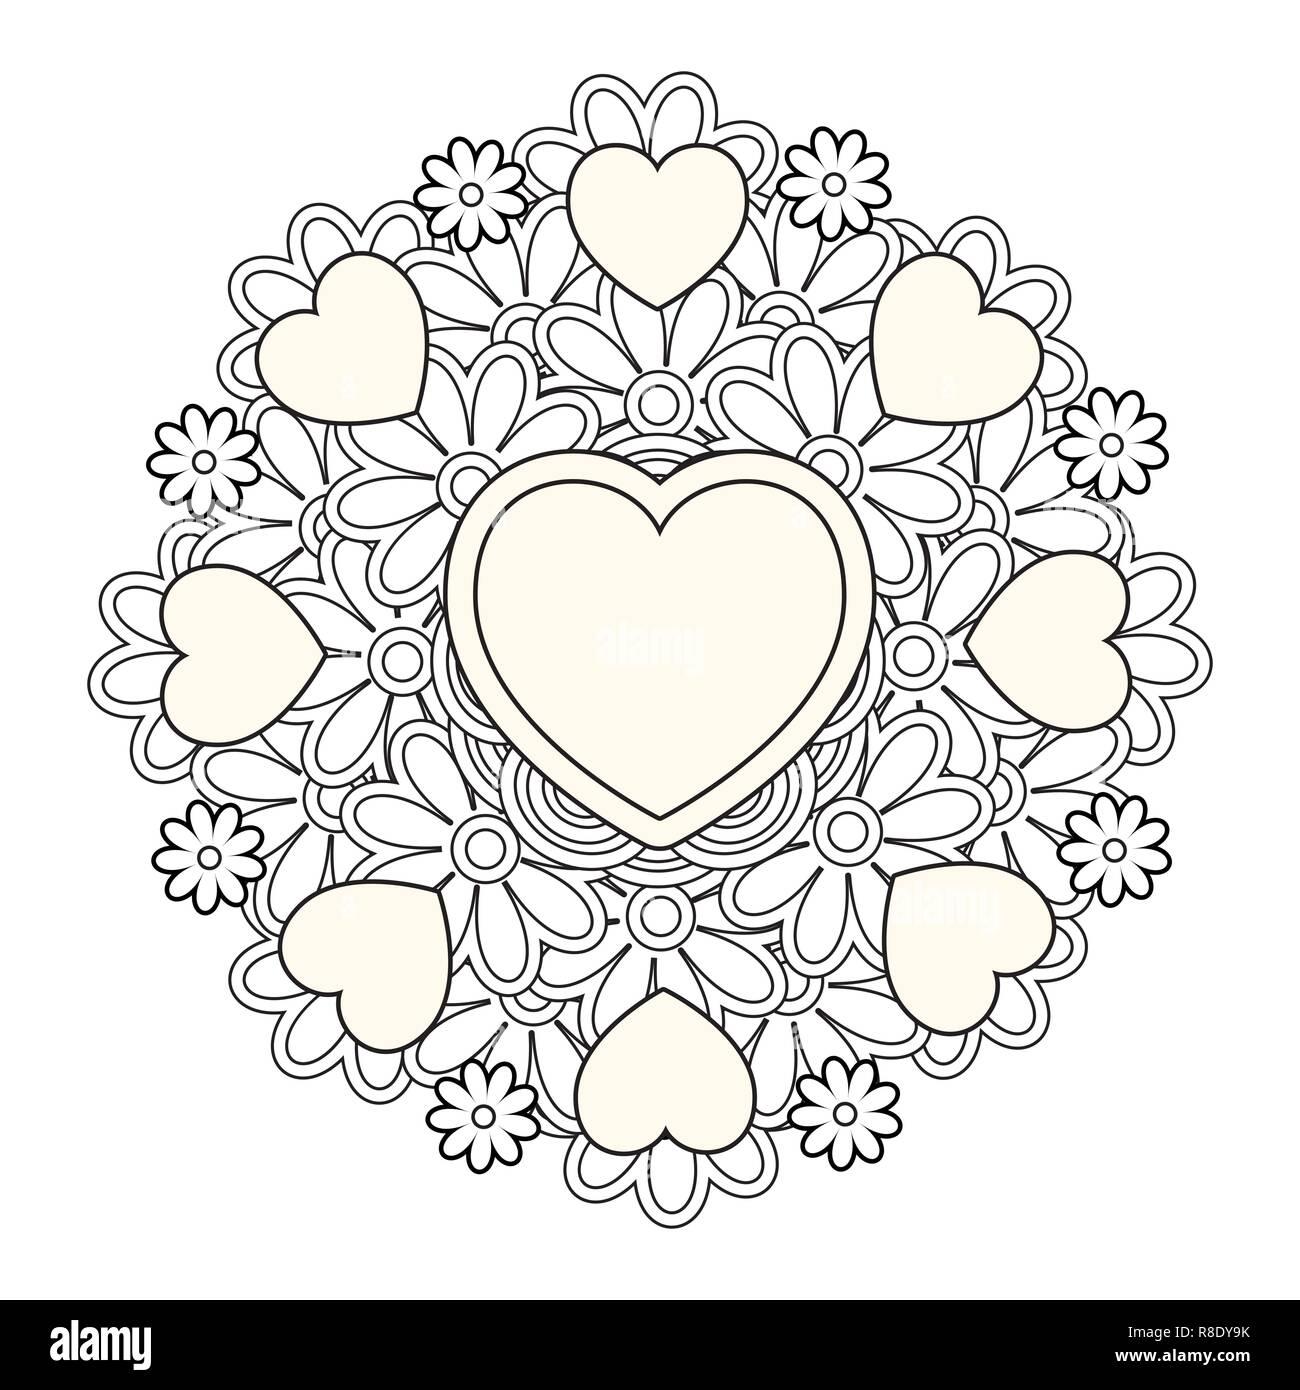 Mandala De Fleurs Avec Le Coeur Valentines Day Page A Colorier Image Vectorielle Stock Alamy